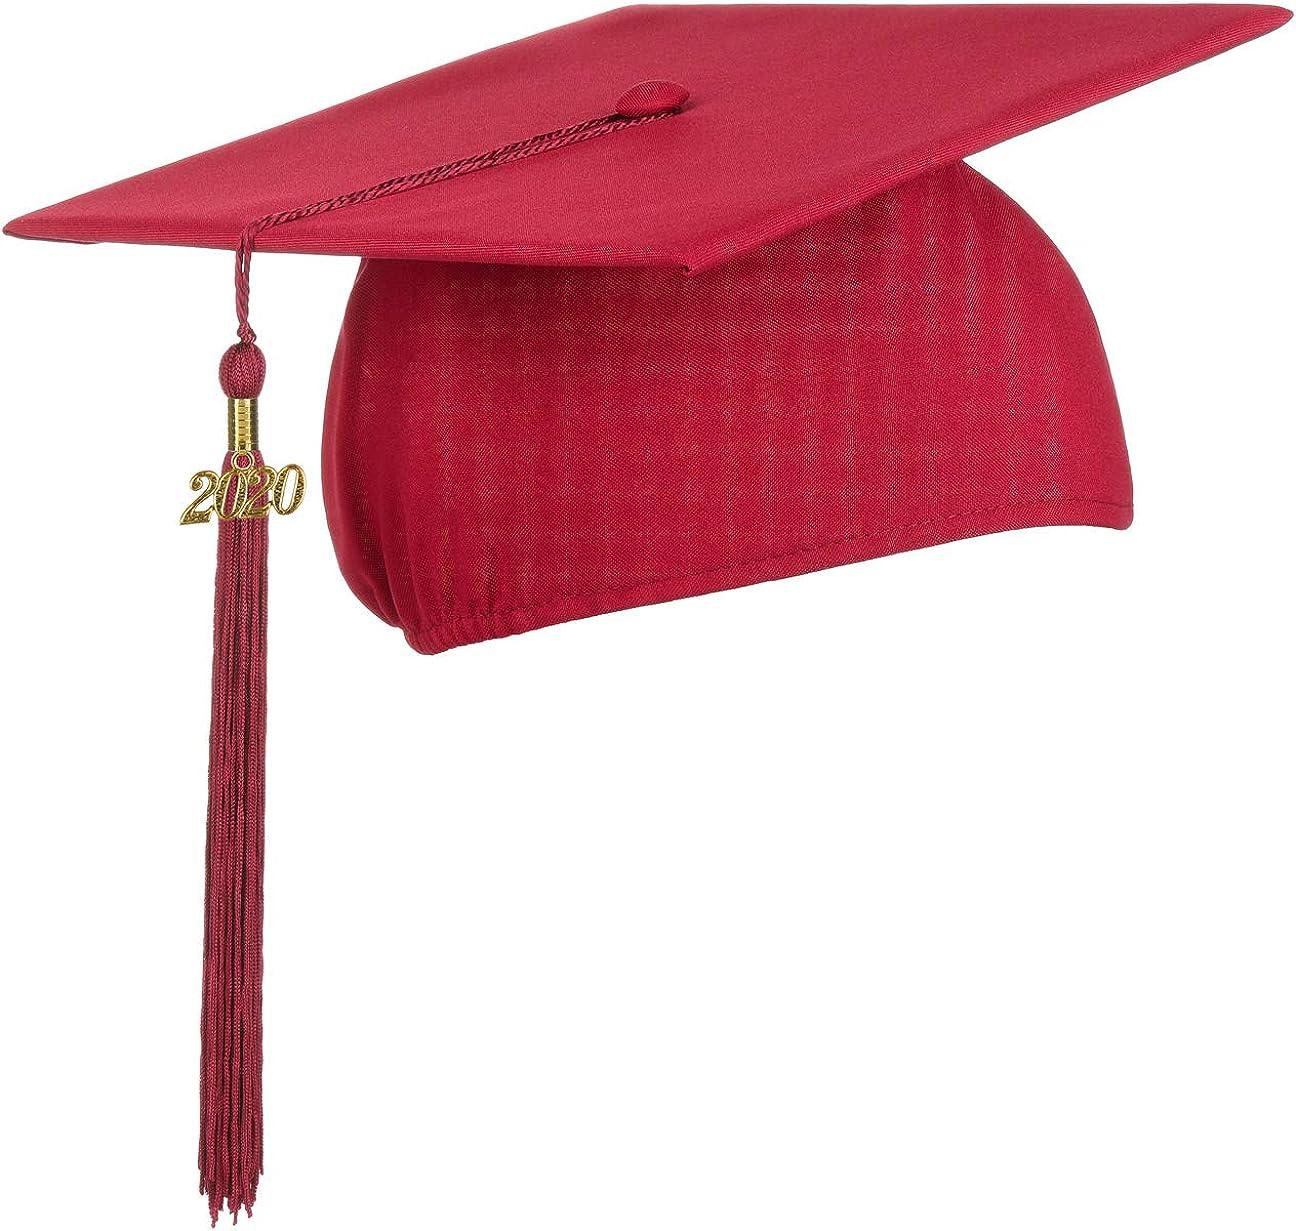 Lierys Birrete Colgante 2020, Sombrero de graduación, Celebrar el Fin de Estudios en la Universidad o el Instituto. Sombrero Universitario en Negro, Azul, Rojo, Talla única